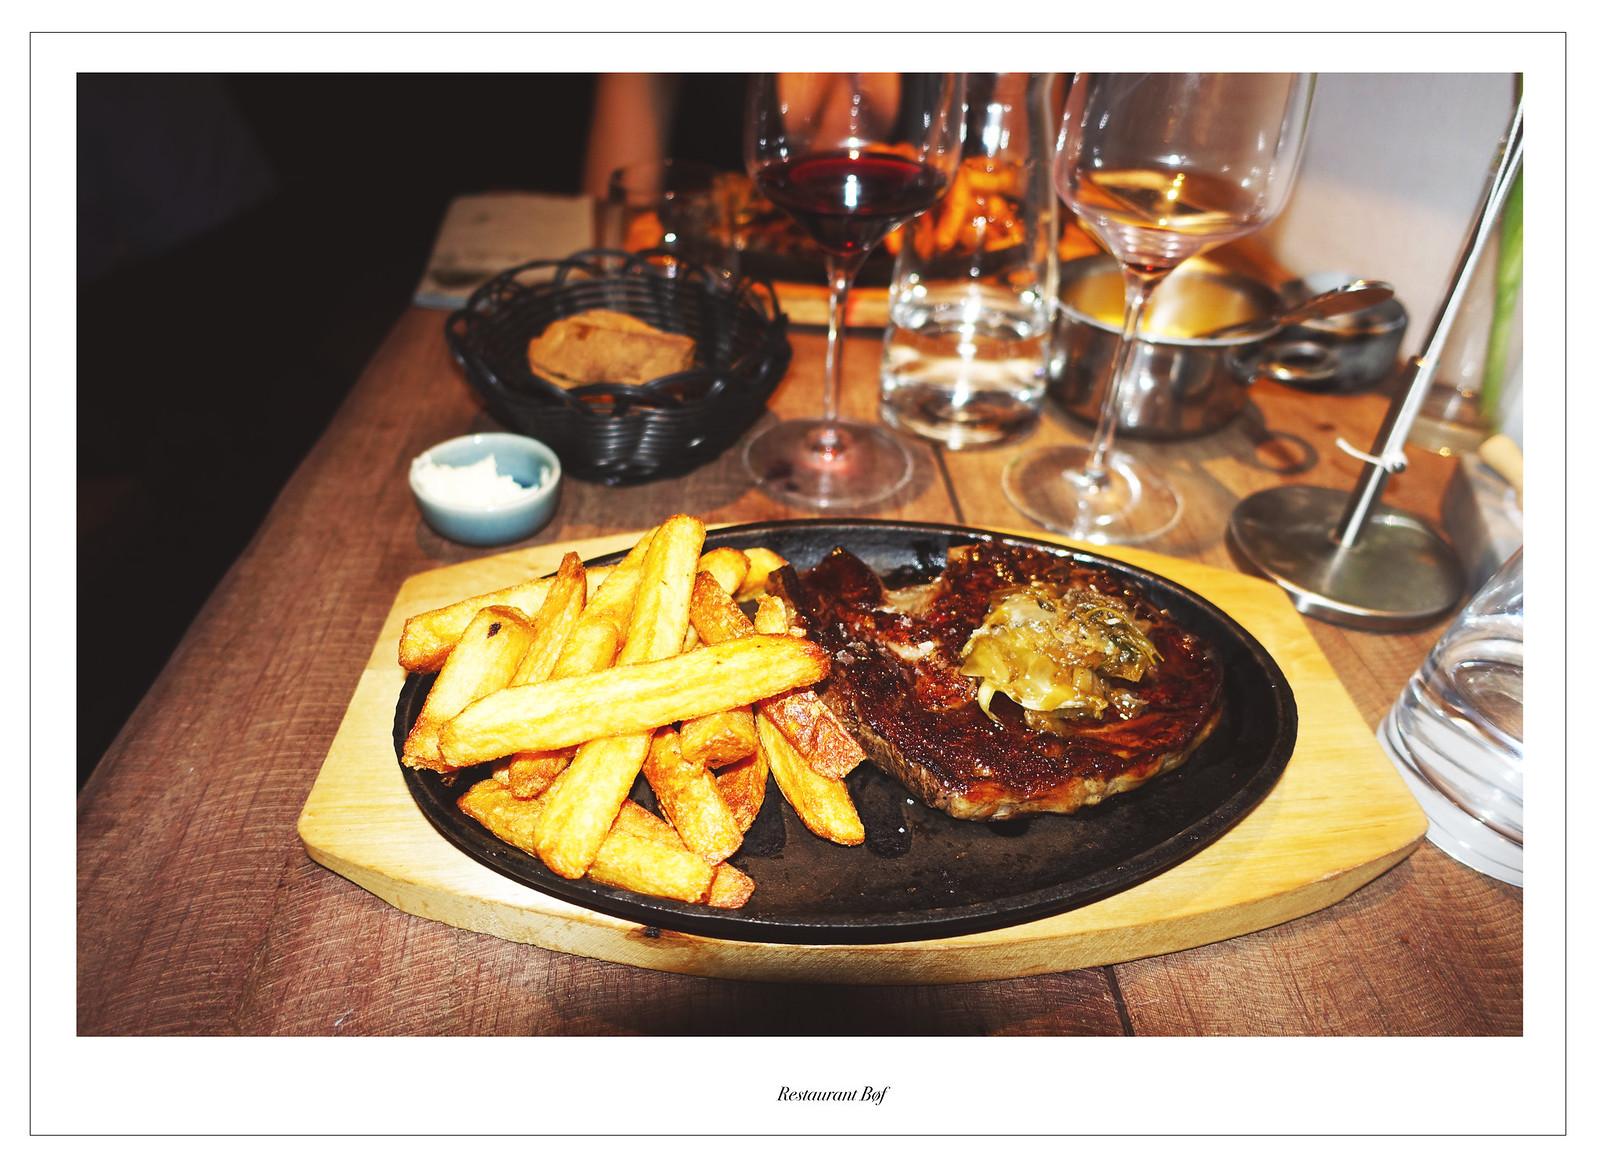 restaurant bøf where to eat copenhagen ilirida